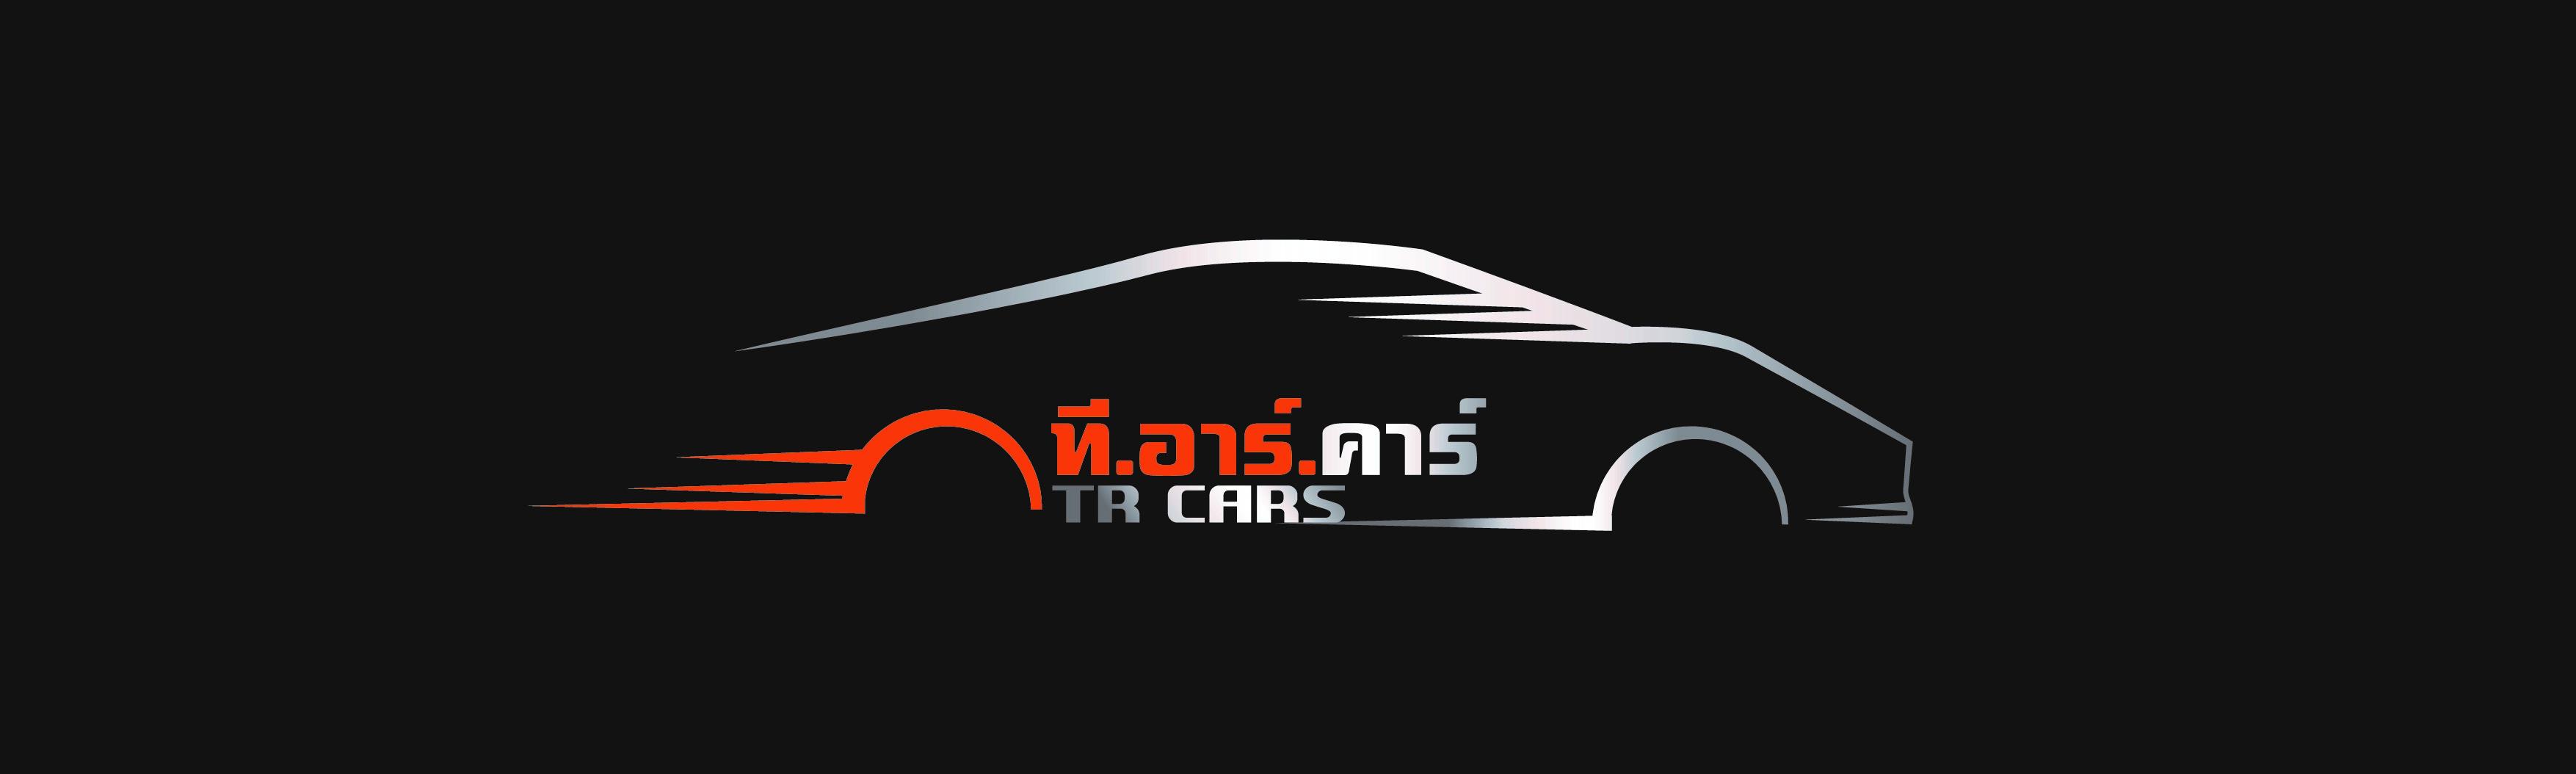 T R CARS